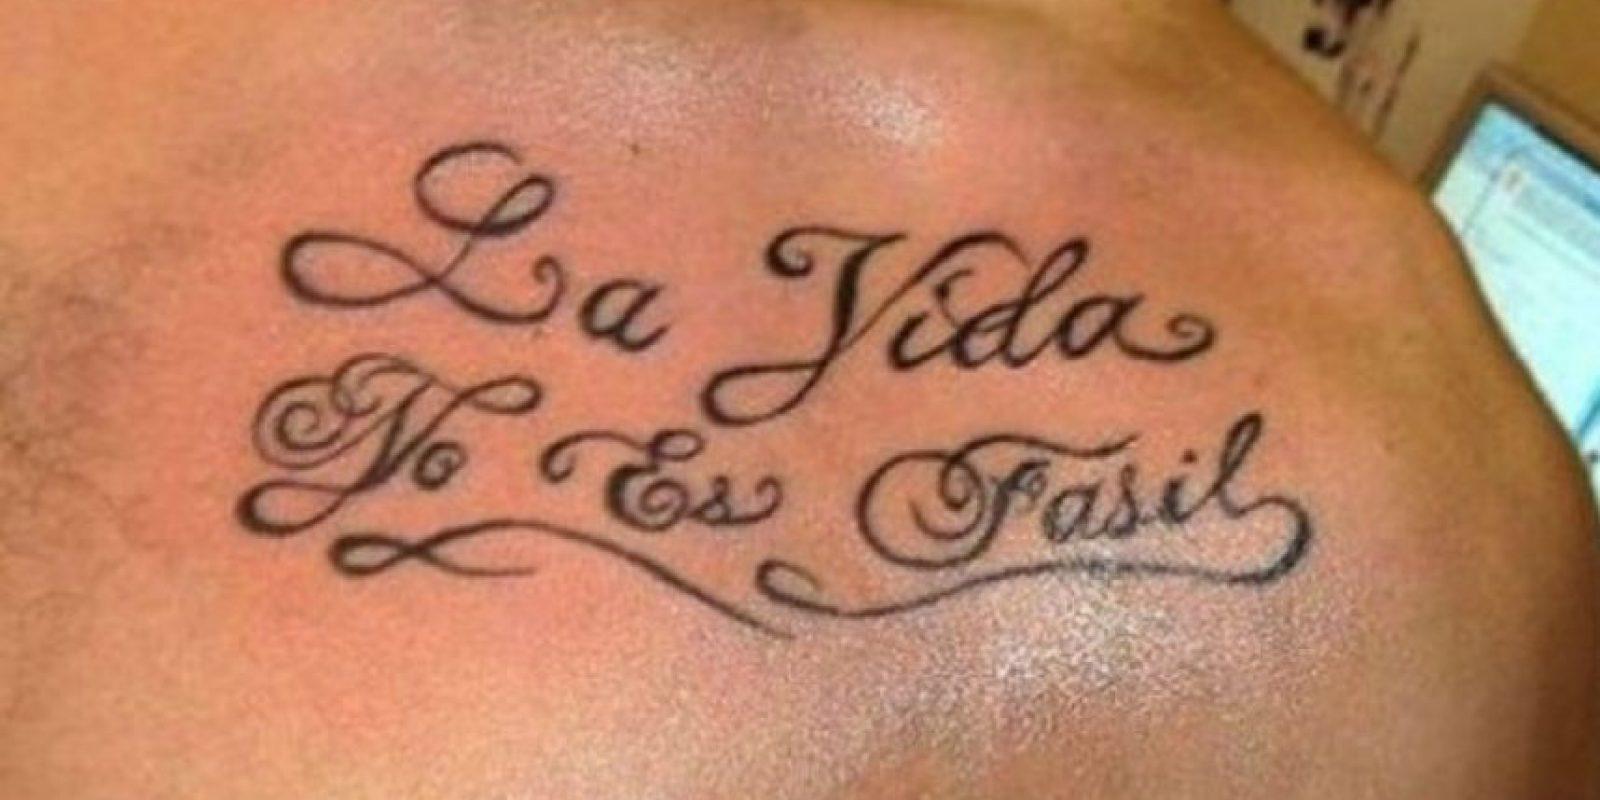 """Y será menos fácil al saber que es con """"c"""" y con acento. Foto:Tumblr.com/Tagged/tatuajes-ortografía"""